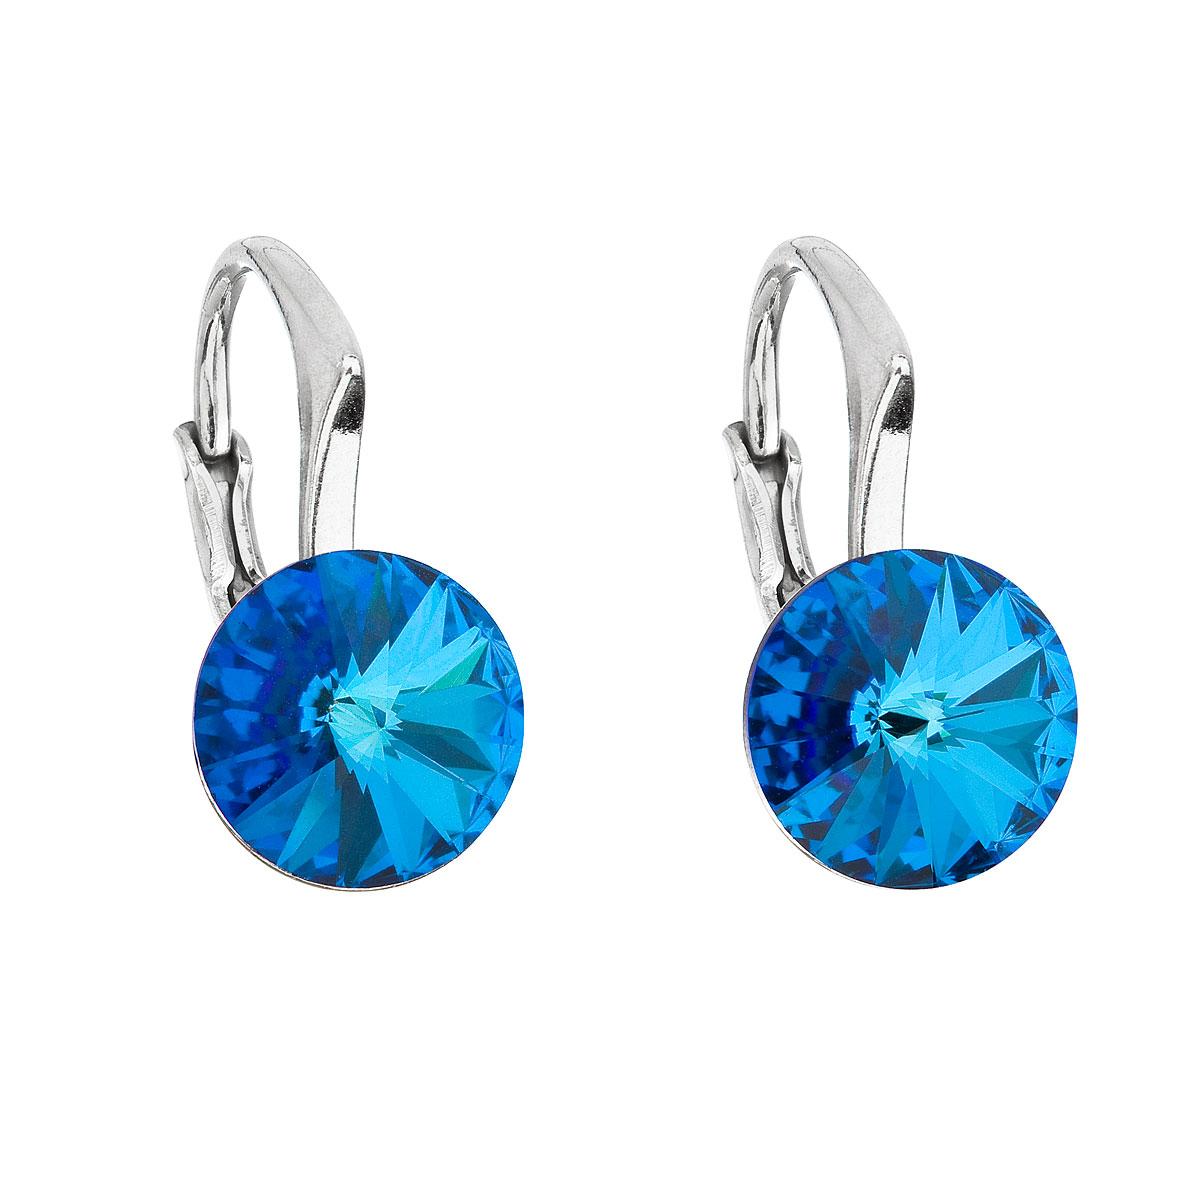 Evolution Group Stříbrné náušnice visací s krystaly Swarovski modré kulaté 31229.5